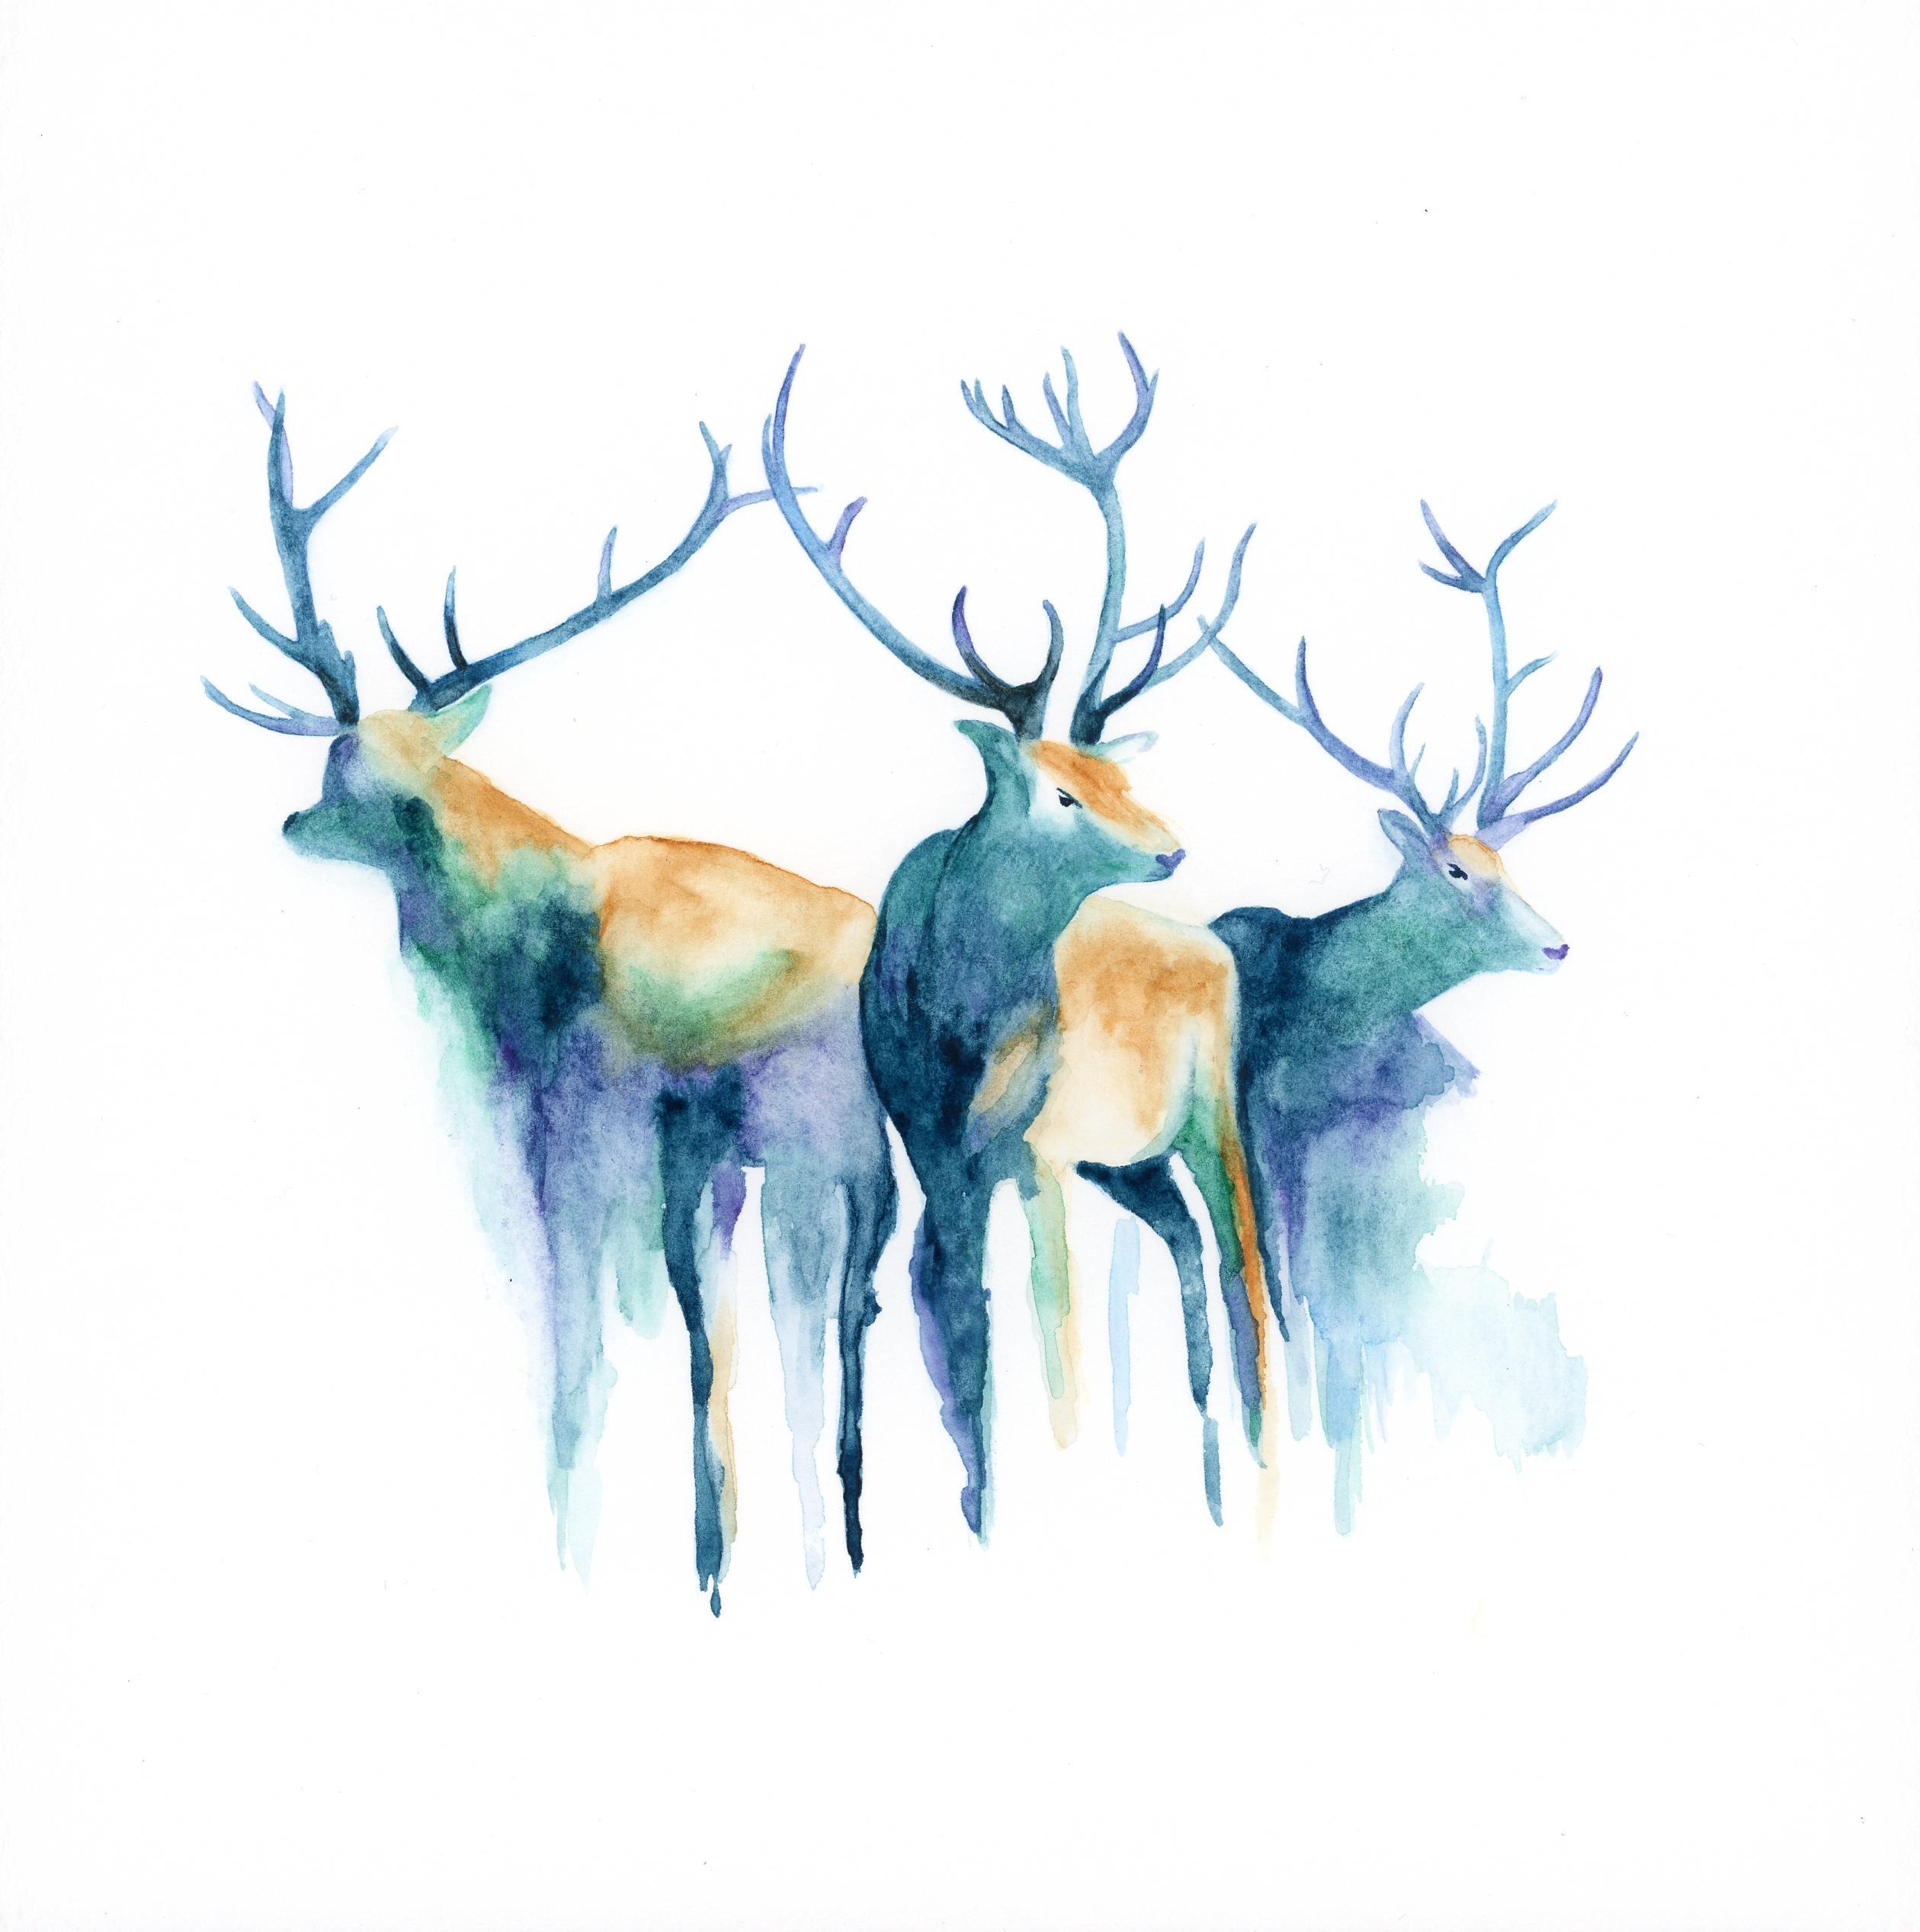 2519x2535 Watercolor Deer By My Wife Katlyn Watercolor